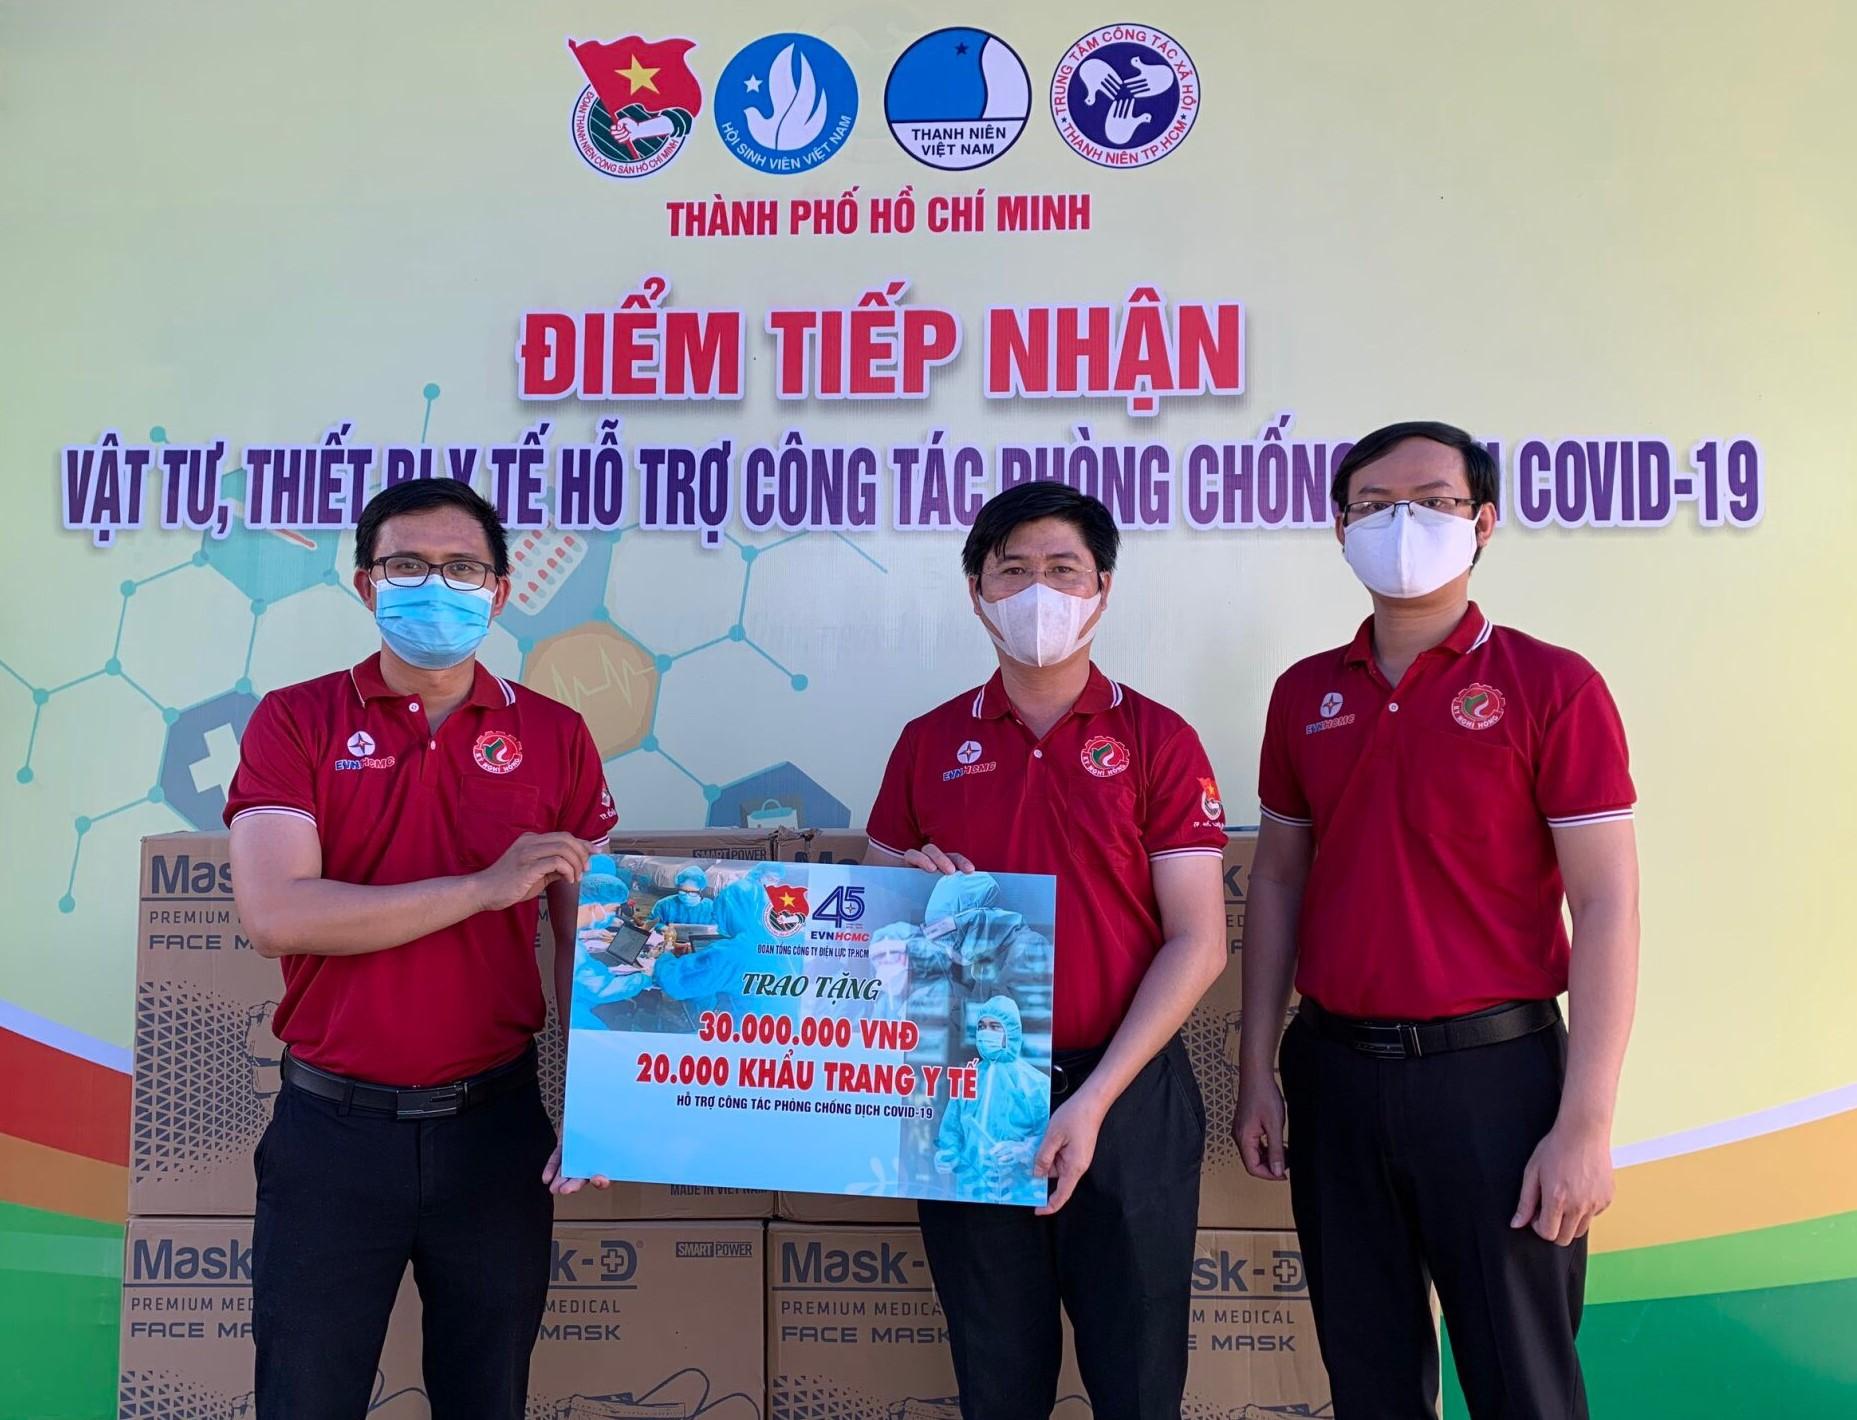 Đồng chí Huỳnh Tấn Khương - Bí thư Đoàn (bìa trái), đại điện đoàn viên, thanh niên EVNHCMC trao tặng 30 triệu đồng và 20.000 khẩu trang y tế cho công tác chống dịch COVID-19. Ảnh: EVNHCMC